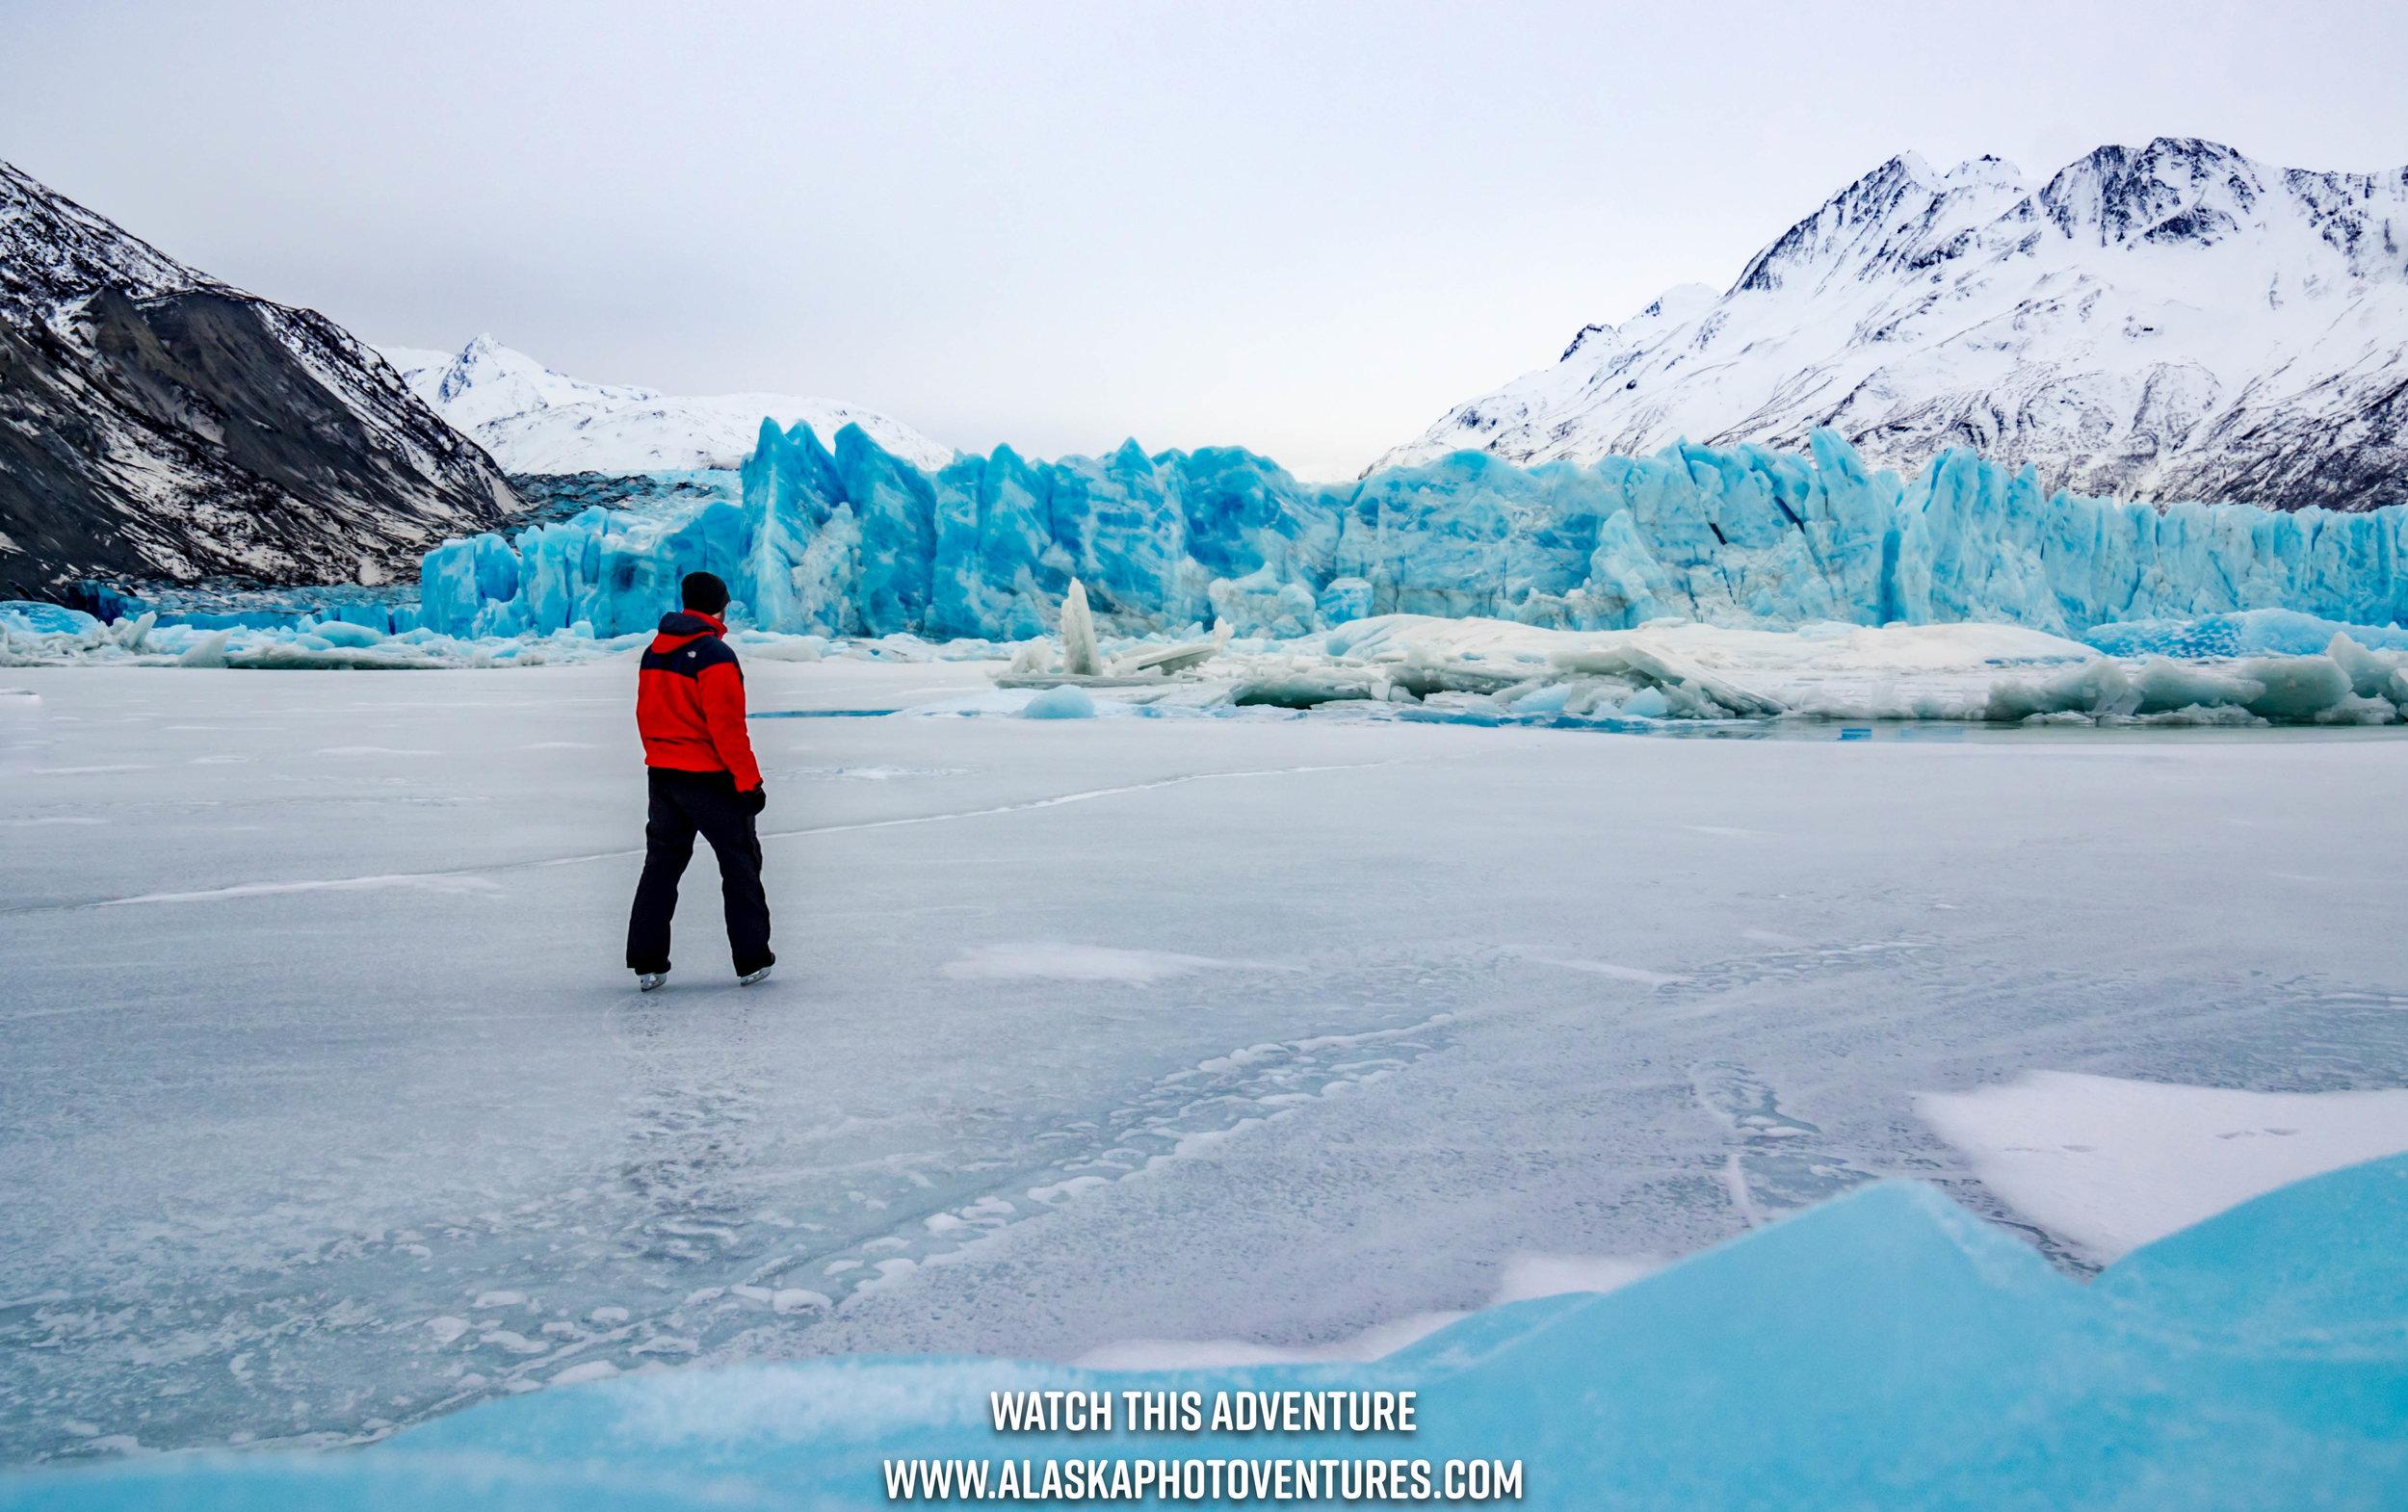 ice-skate-to-a-glacier-colony-knik-alaska-adventure-photography-1.jpg